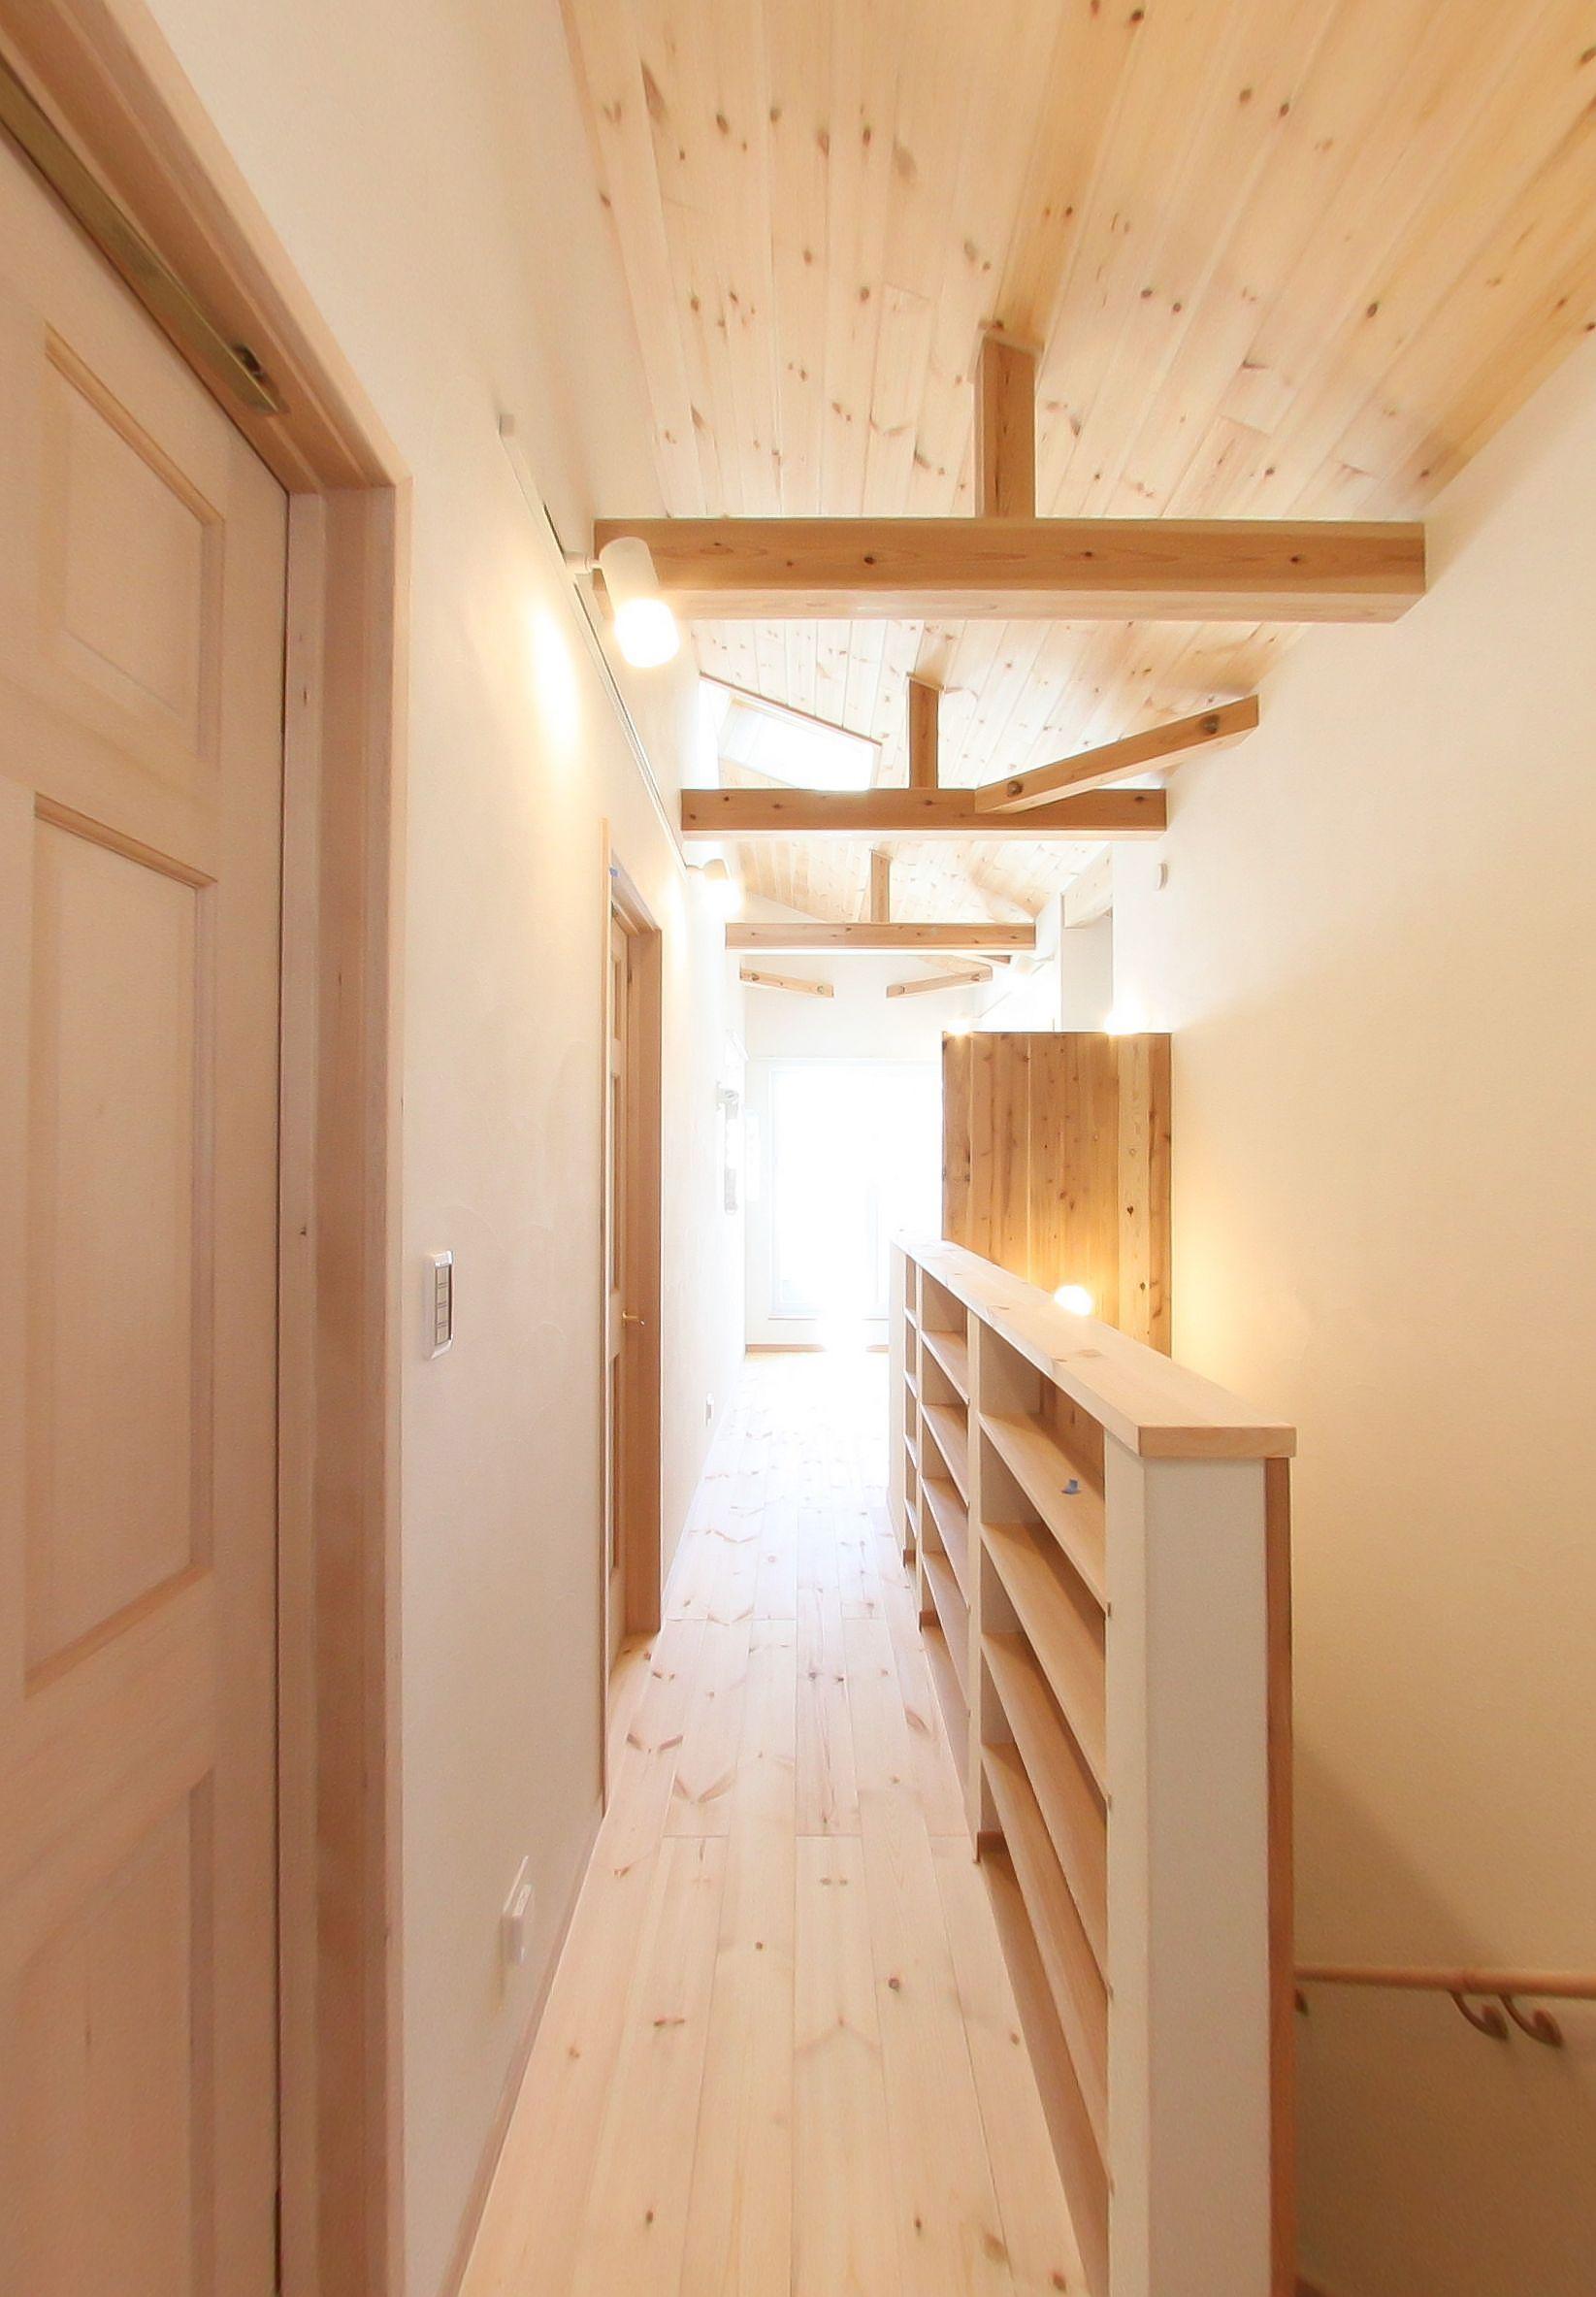 無添加計画 住宅 木の家 パッシブデザイン 家 高断熱 暖かい家